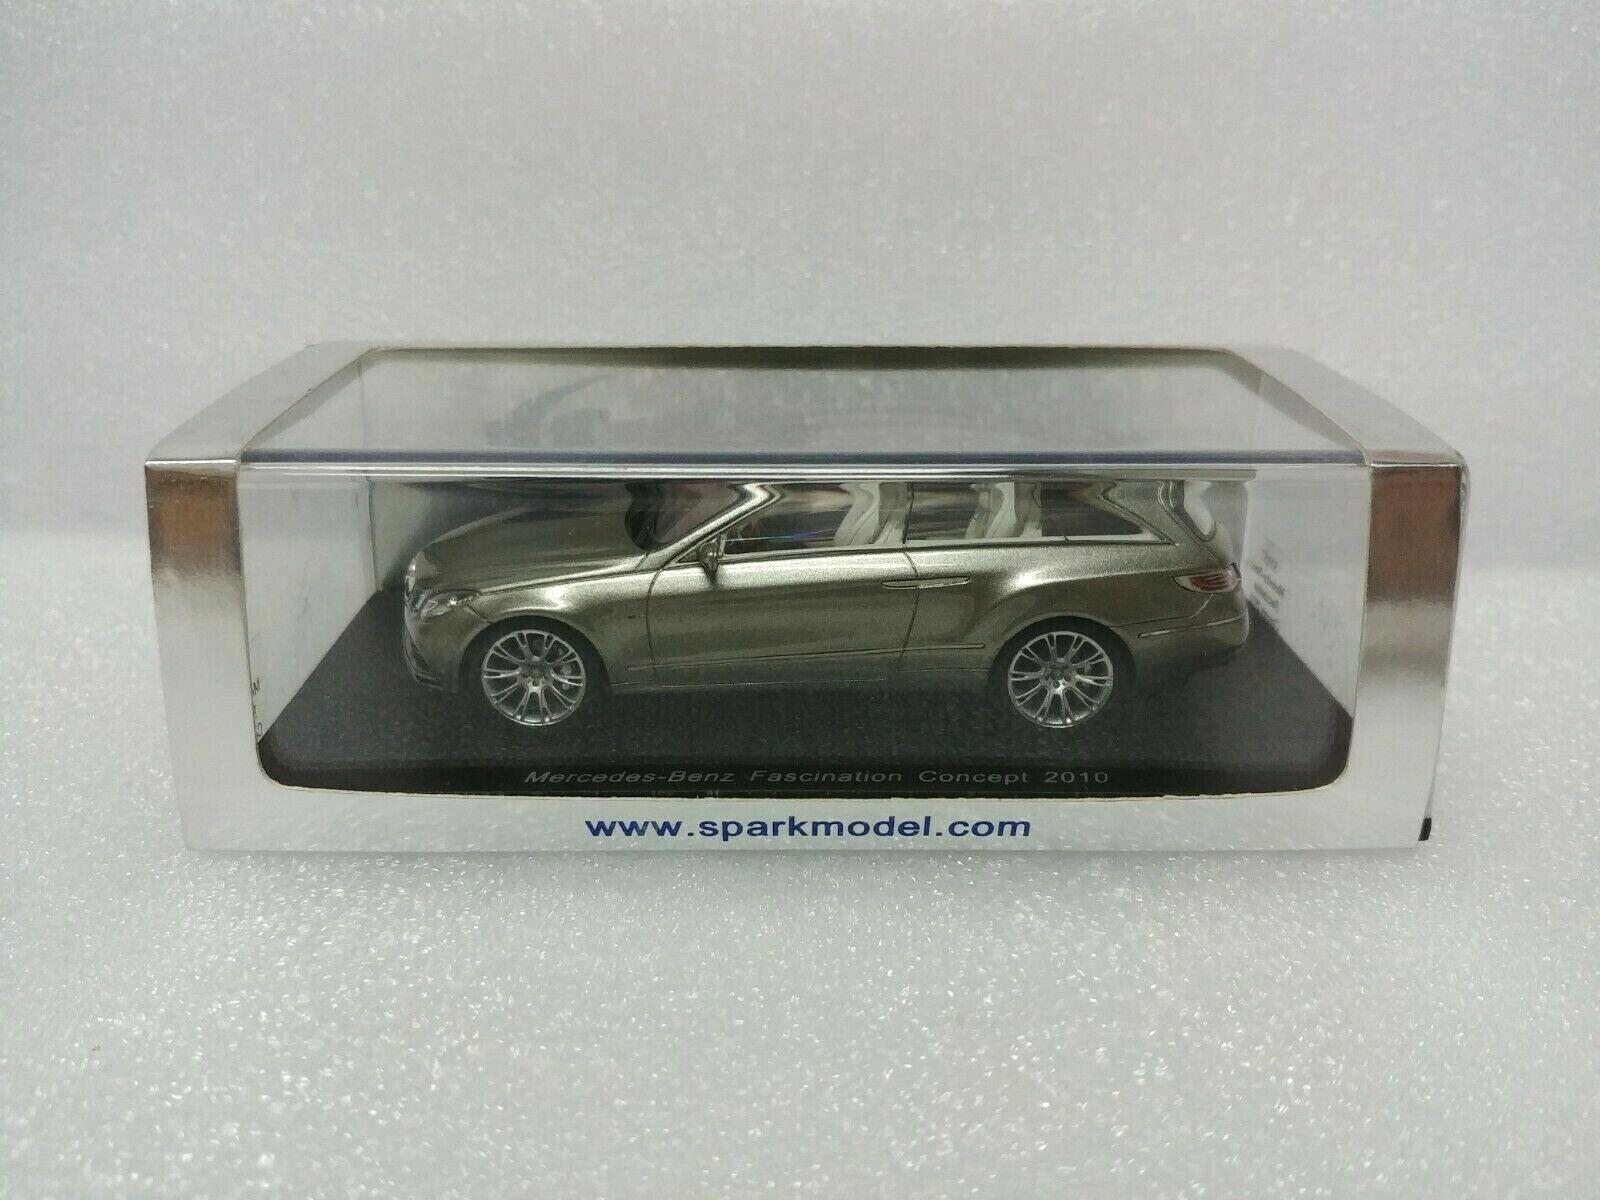 los nuevos estilos calientes Mercedes-Benz fascinación concepto 2010 Spark MODEL 1 1 1 43  S1057  mejor precio